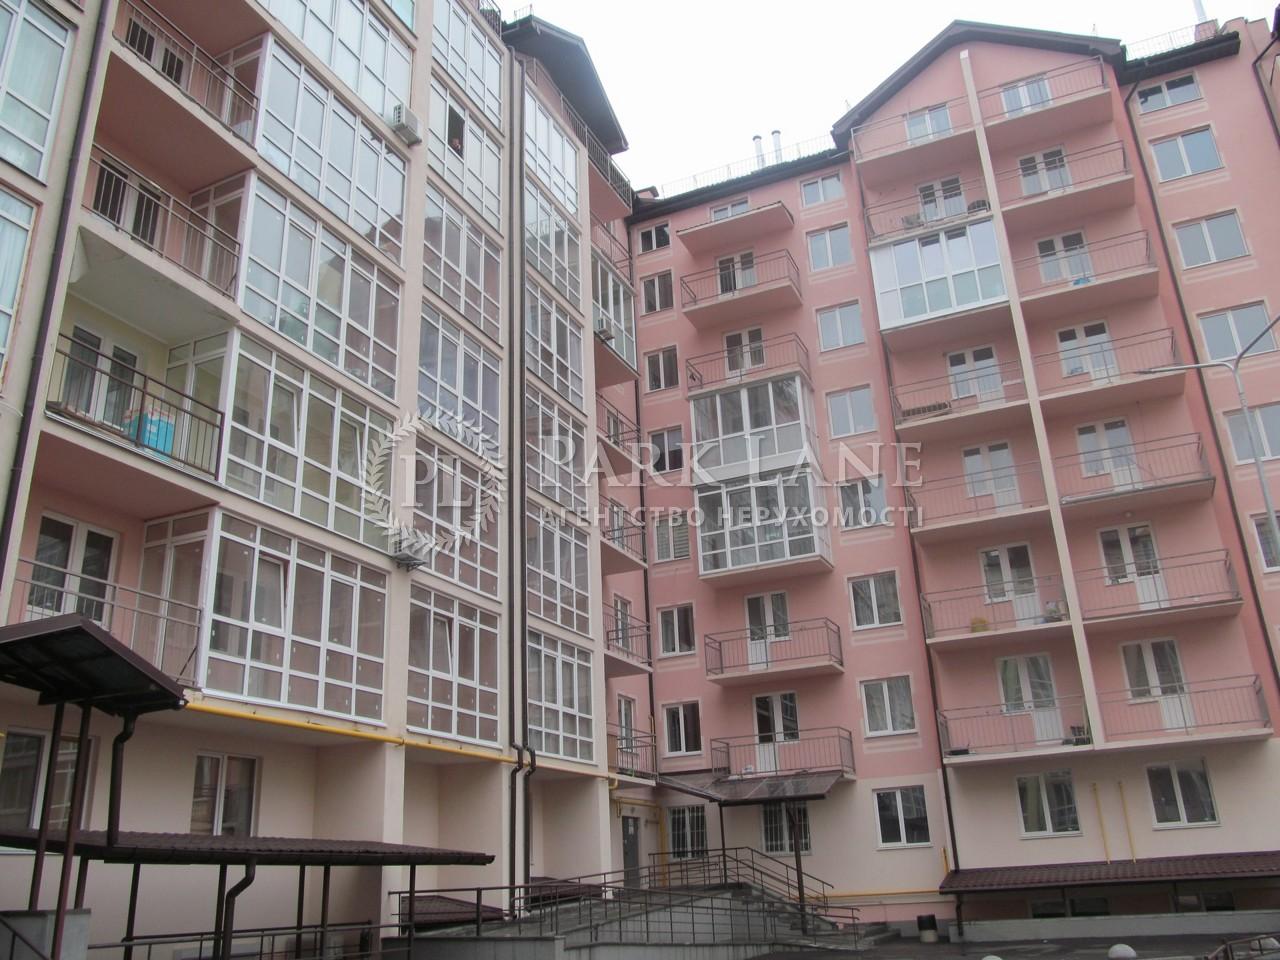 Квартира ул. Лебедева Академика, 1 корпус 5, Киев, N-22572 - Фото 1